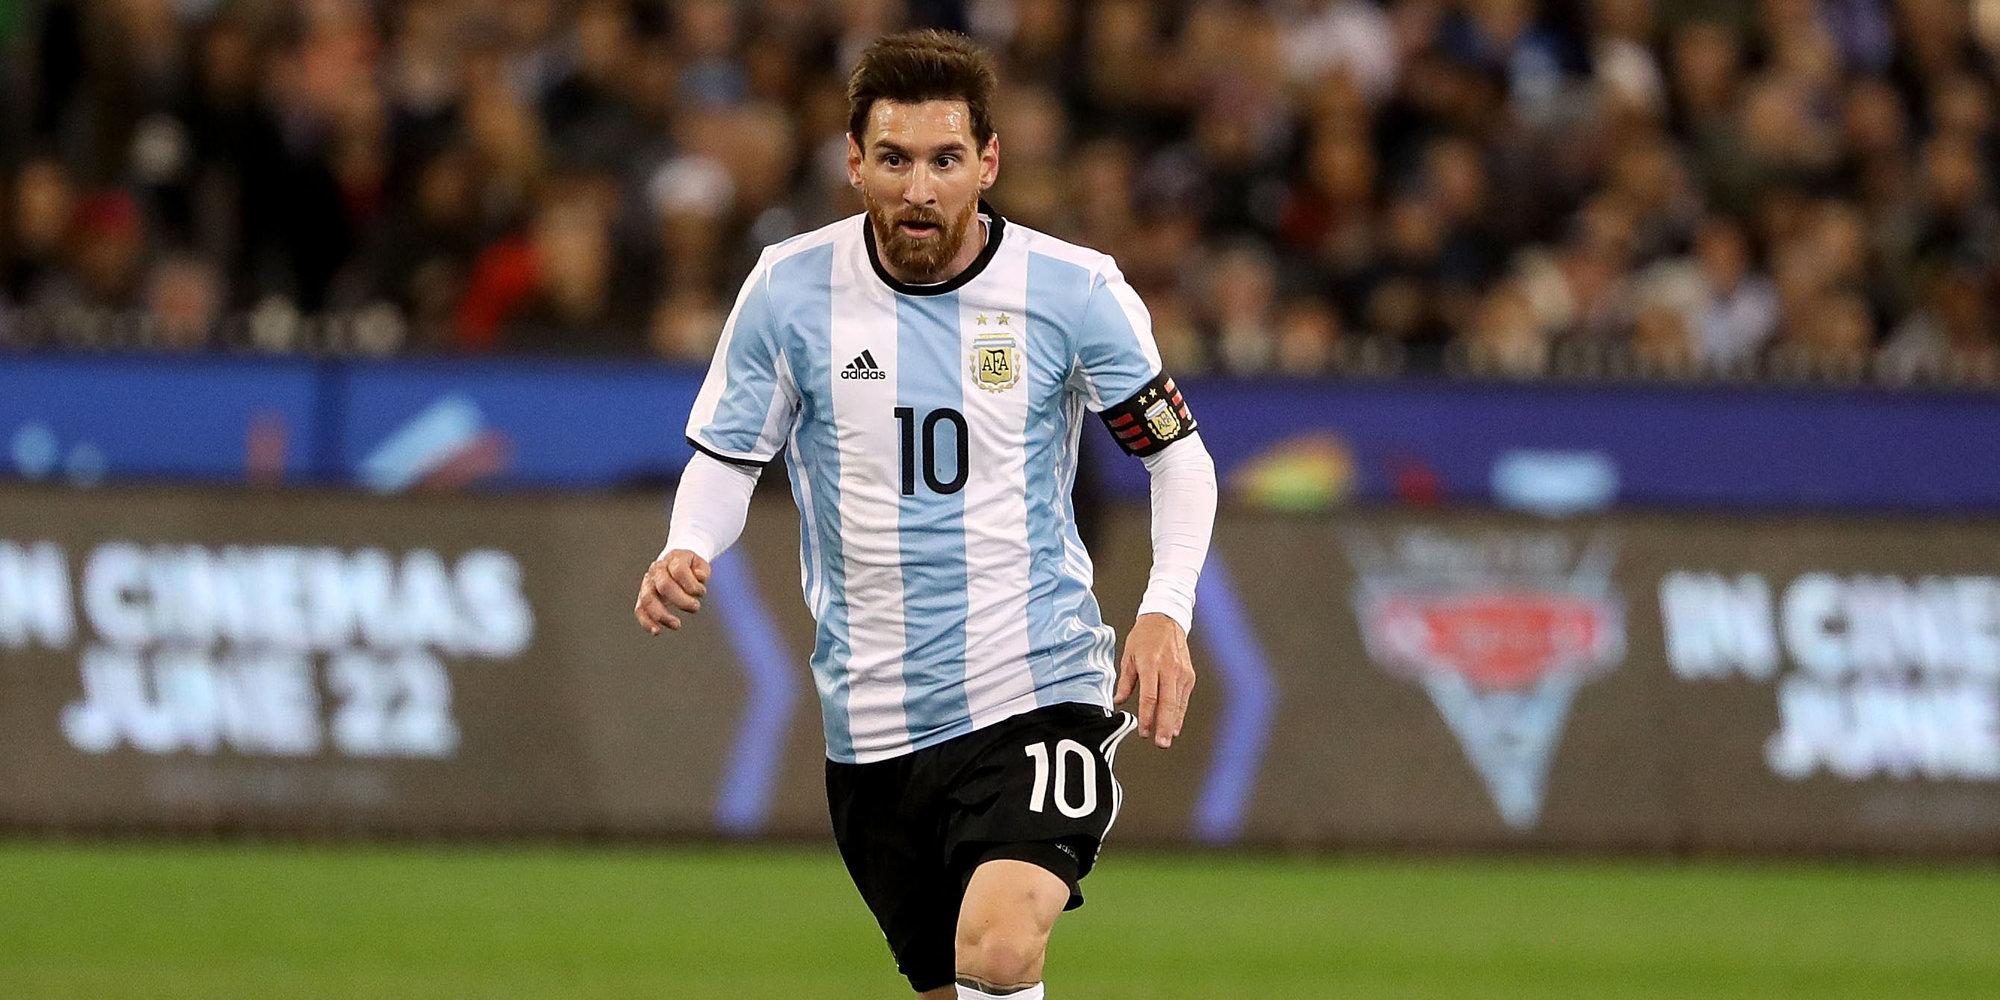 ВКраснодаре вдень матча Аргентина— Нигерия кстадиону пустят дополнительные троллейбусы